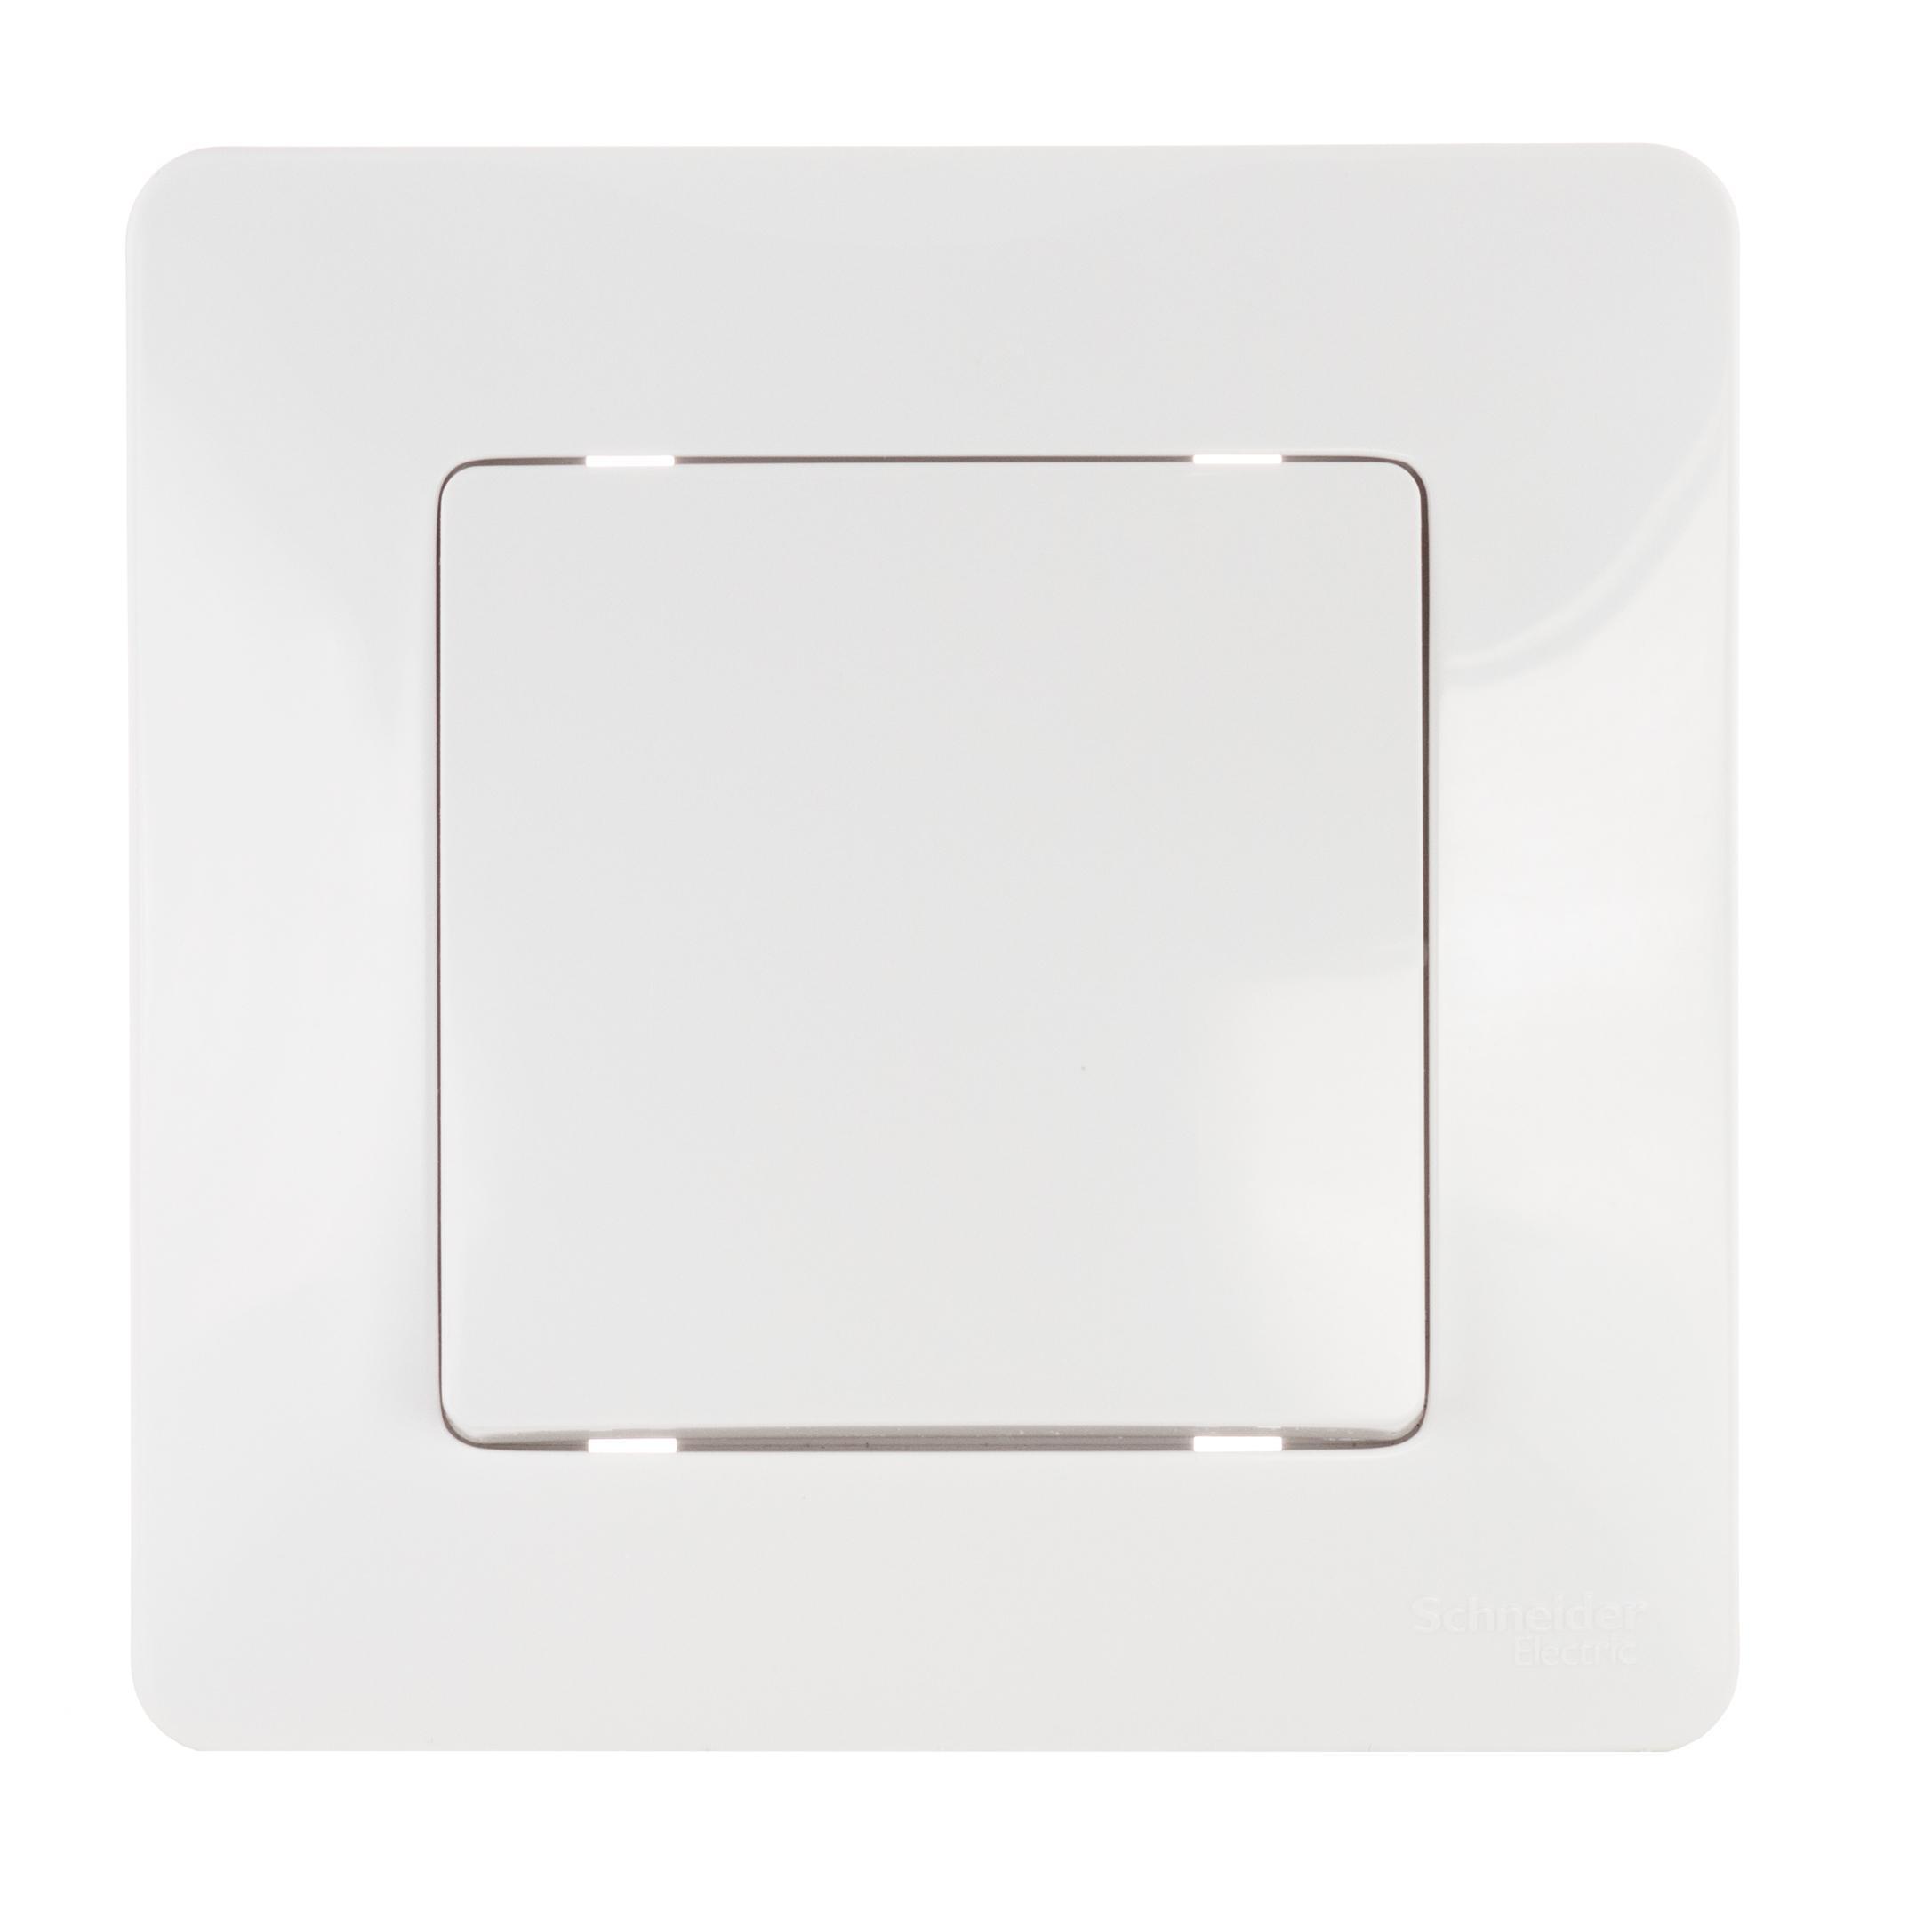 Выключатель Schneider electric Blnvs010101